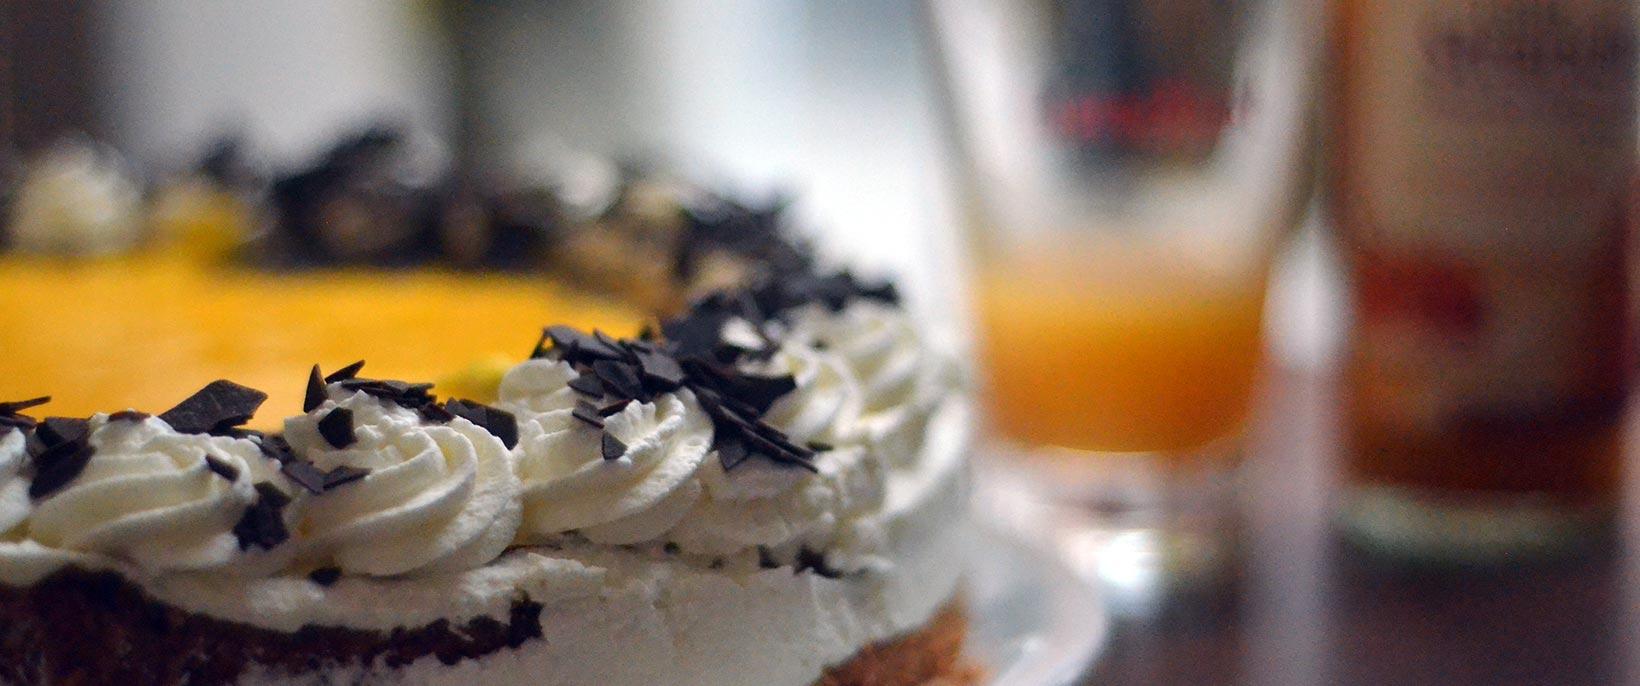 Gemütlich Geschlagenen Küche Kaffee Kuchen Bilder - Ideen Für Die ...